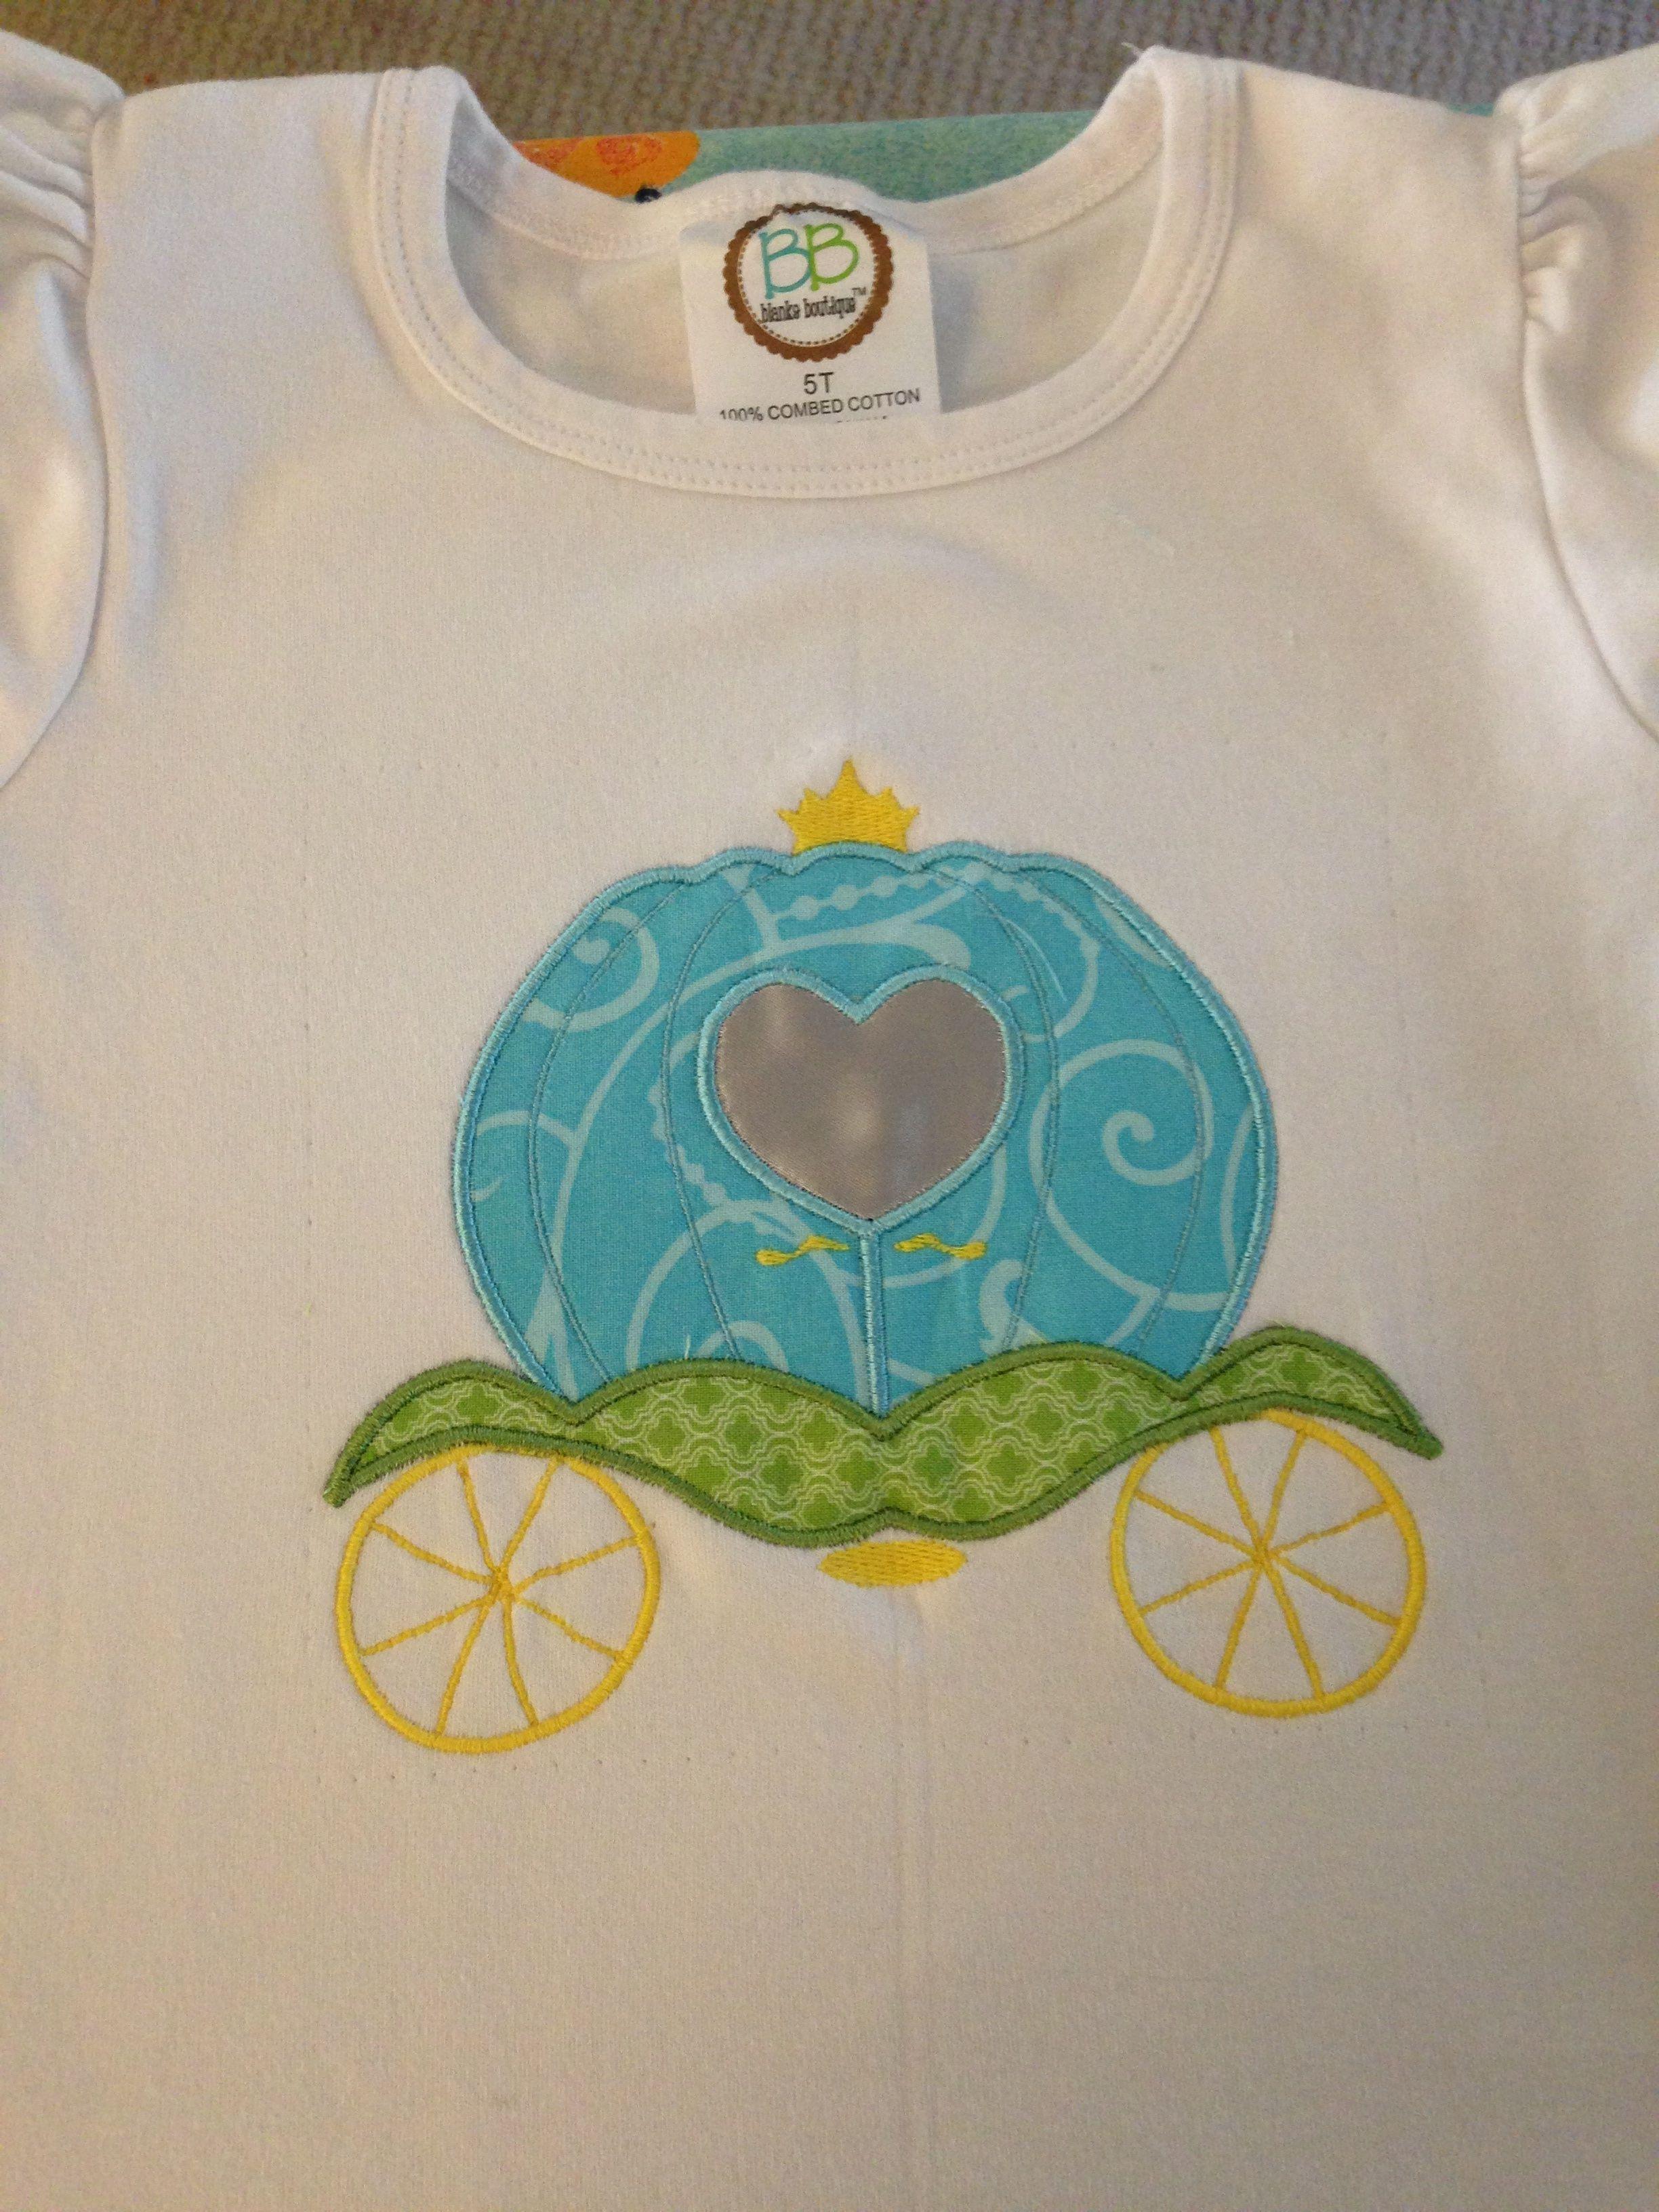 Princess carriage shirt